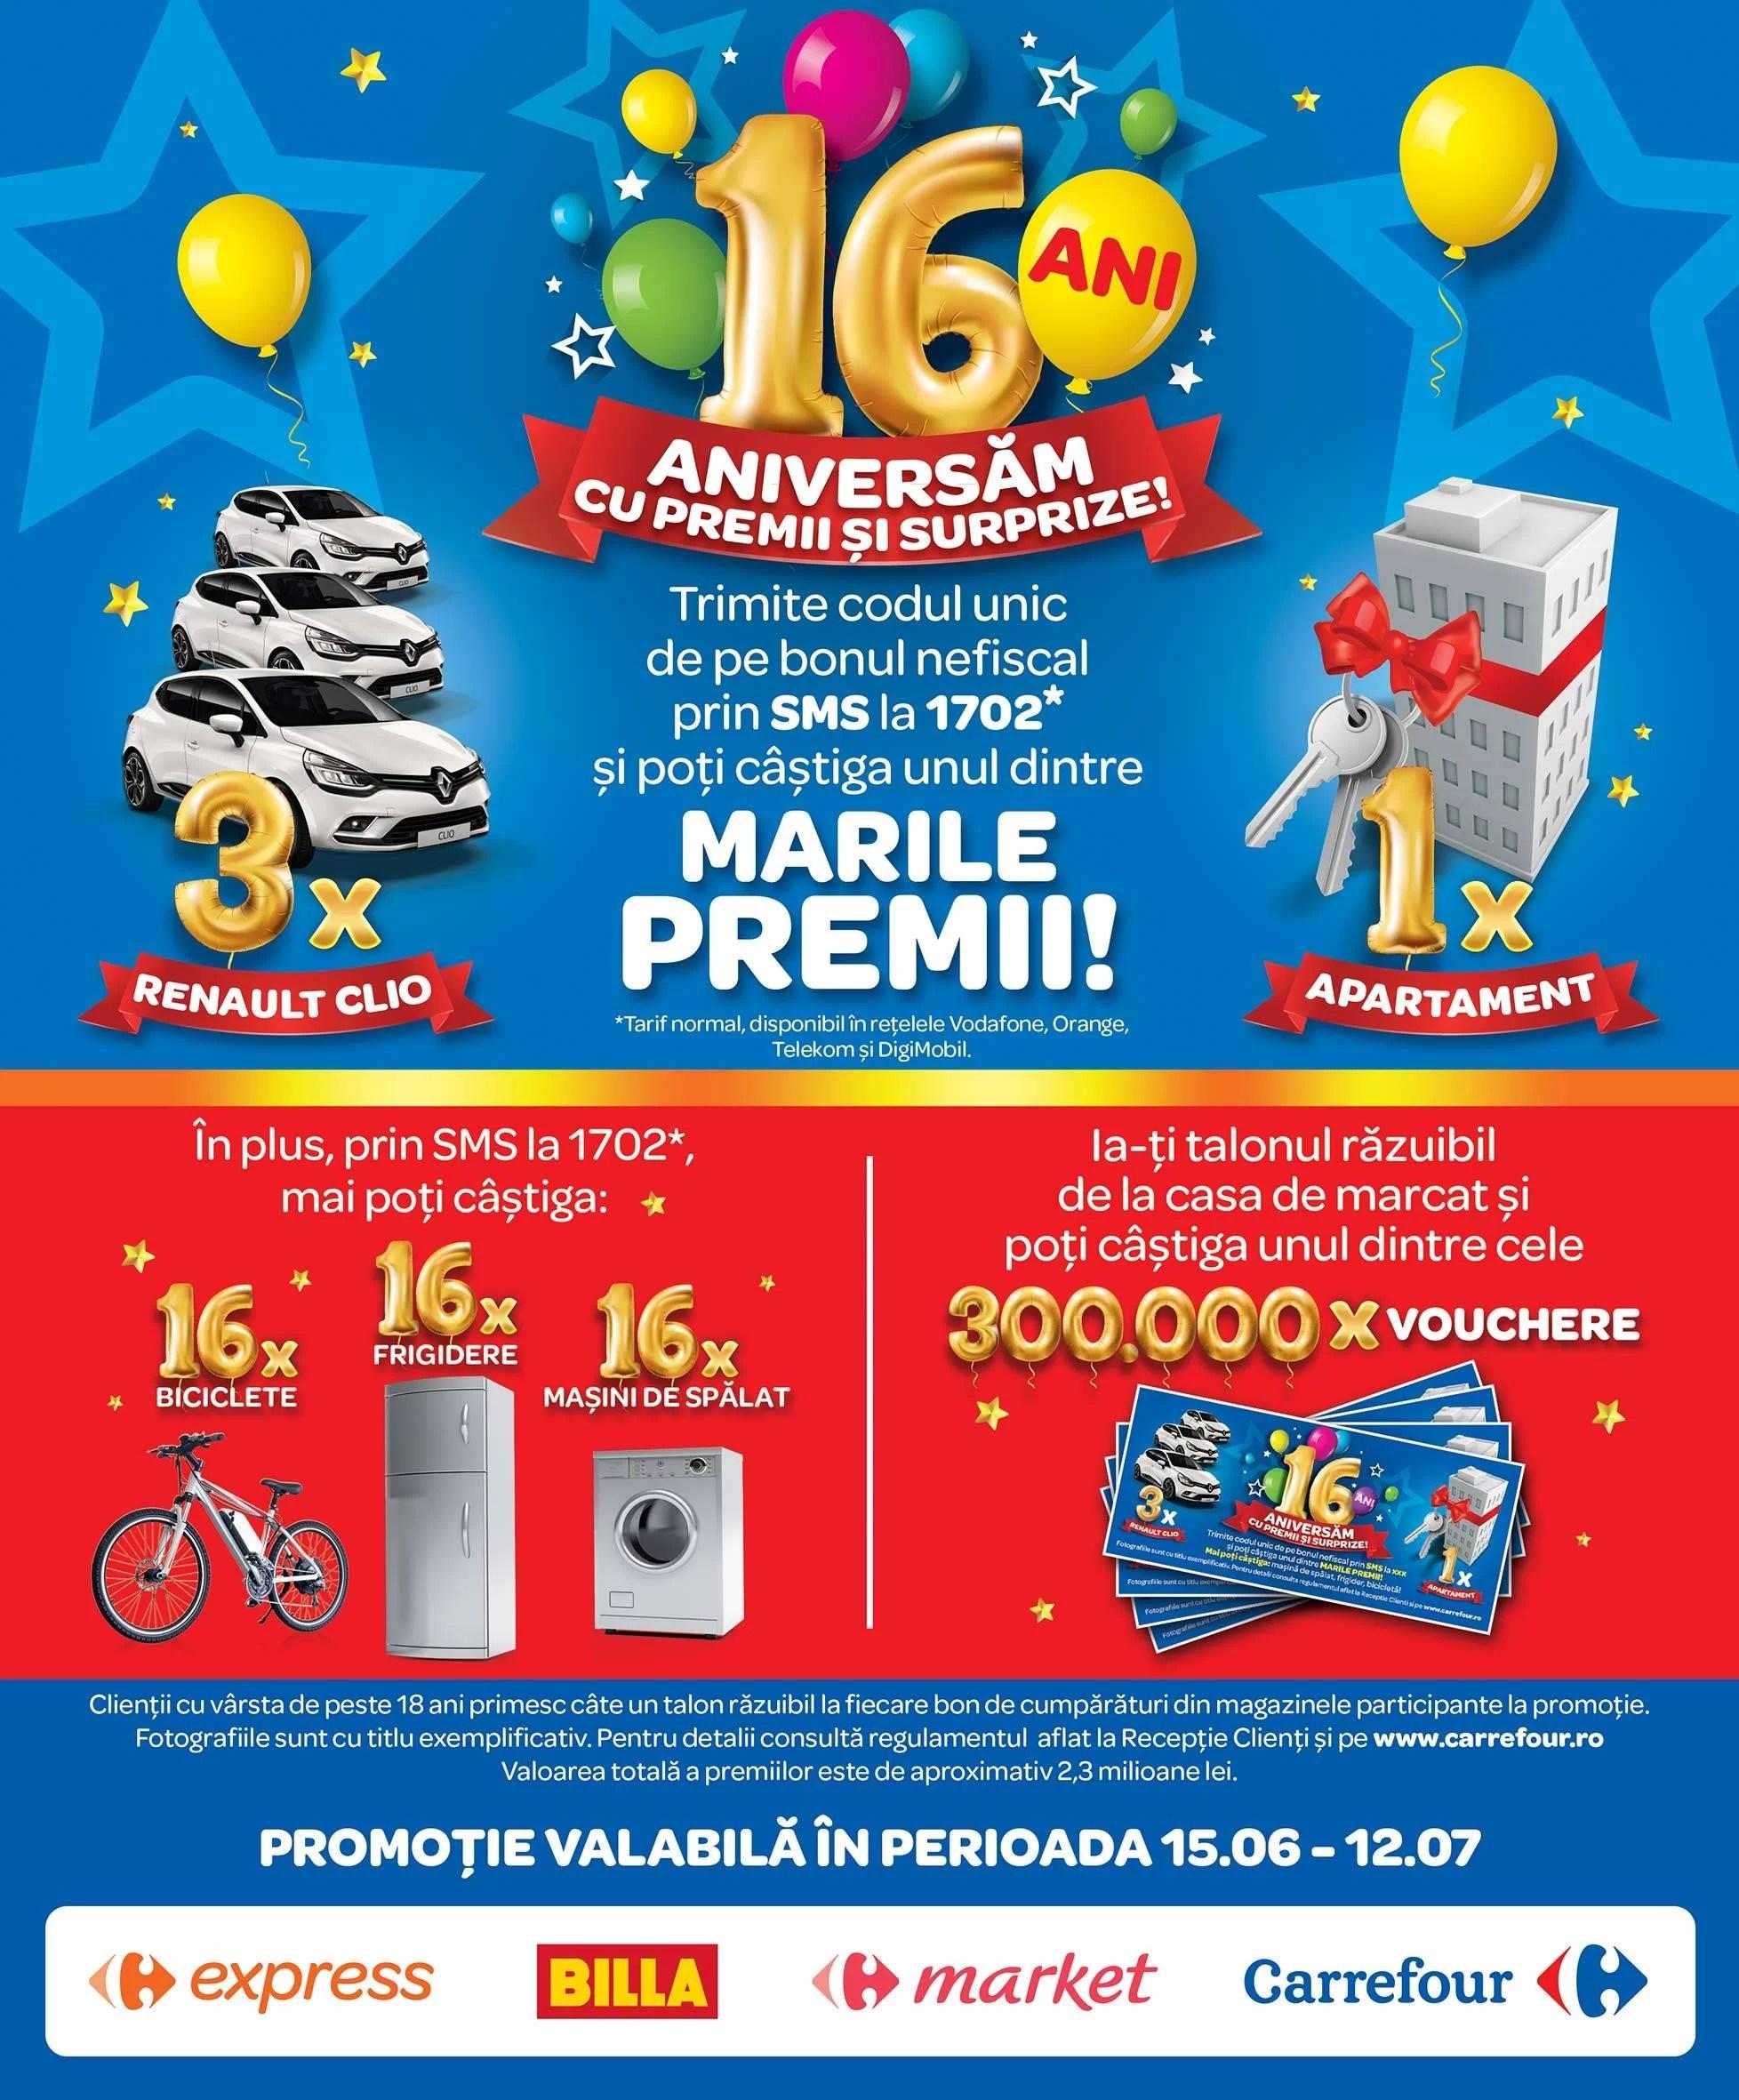 Carrefour sărbătoreşte 16 ani cu premii în valoare de peste  2,3 milioane lei la Marea Tombolă Aniversară